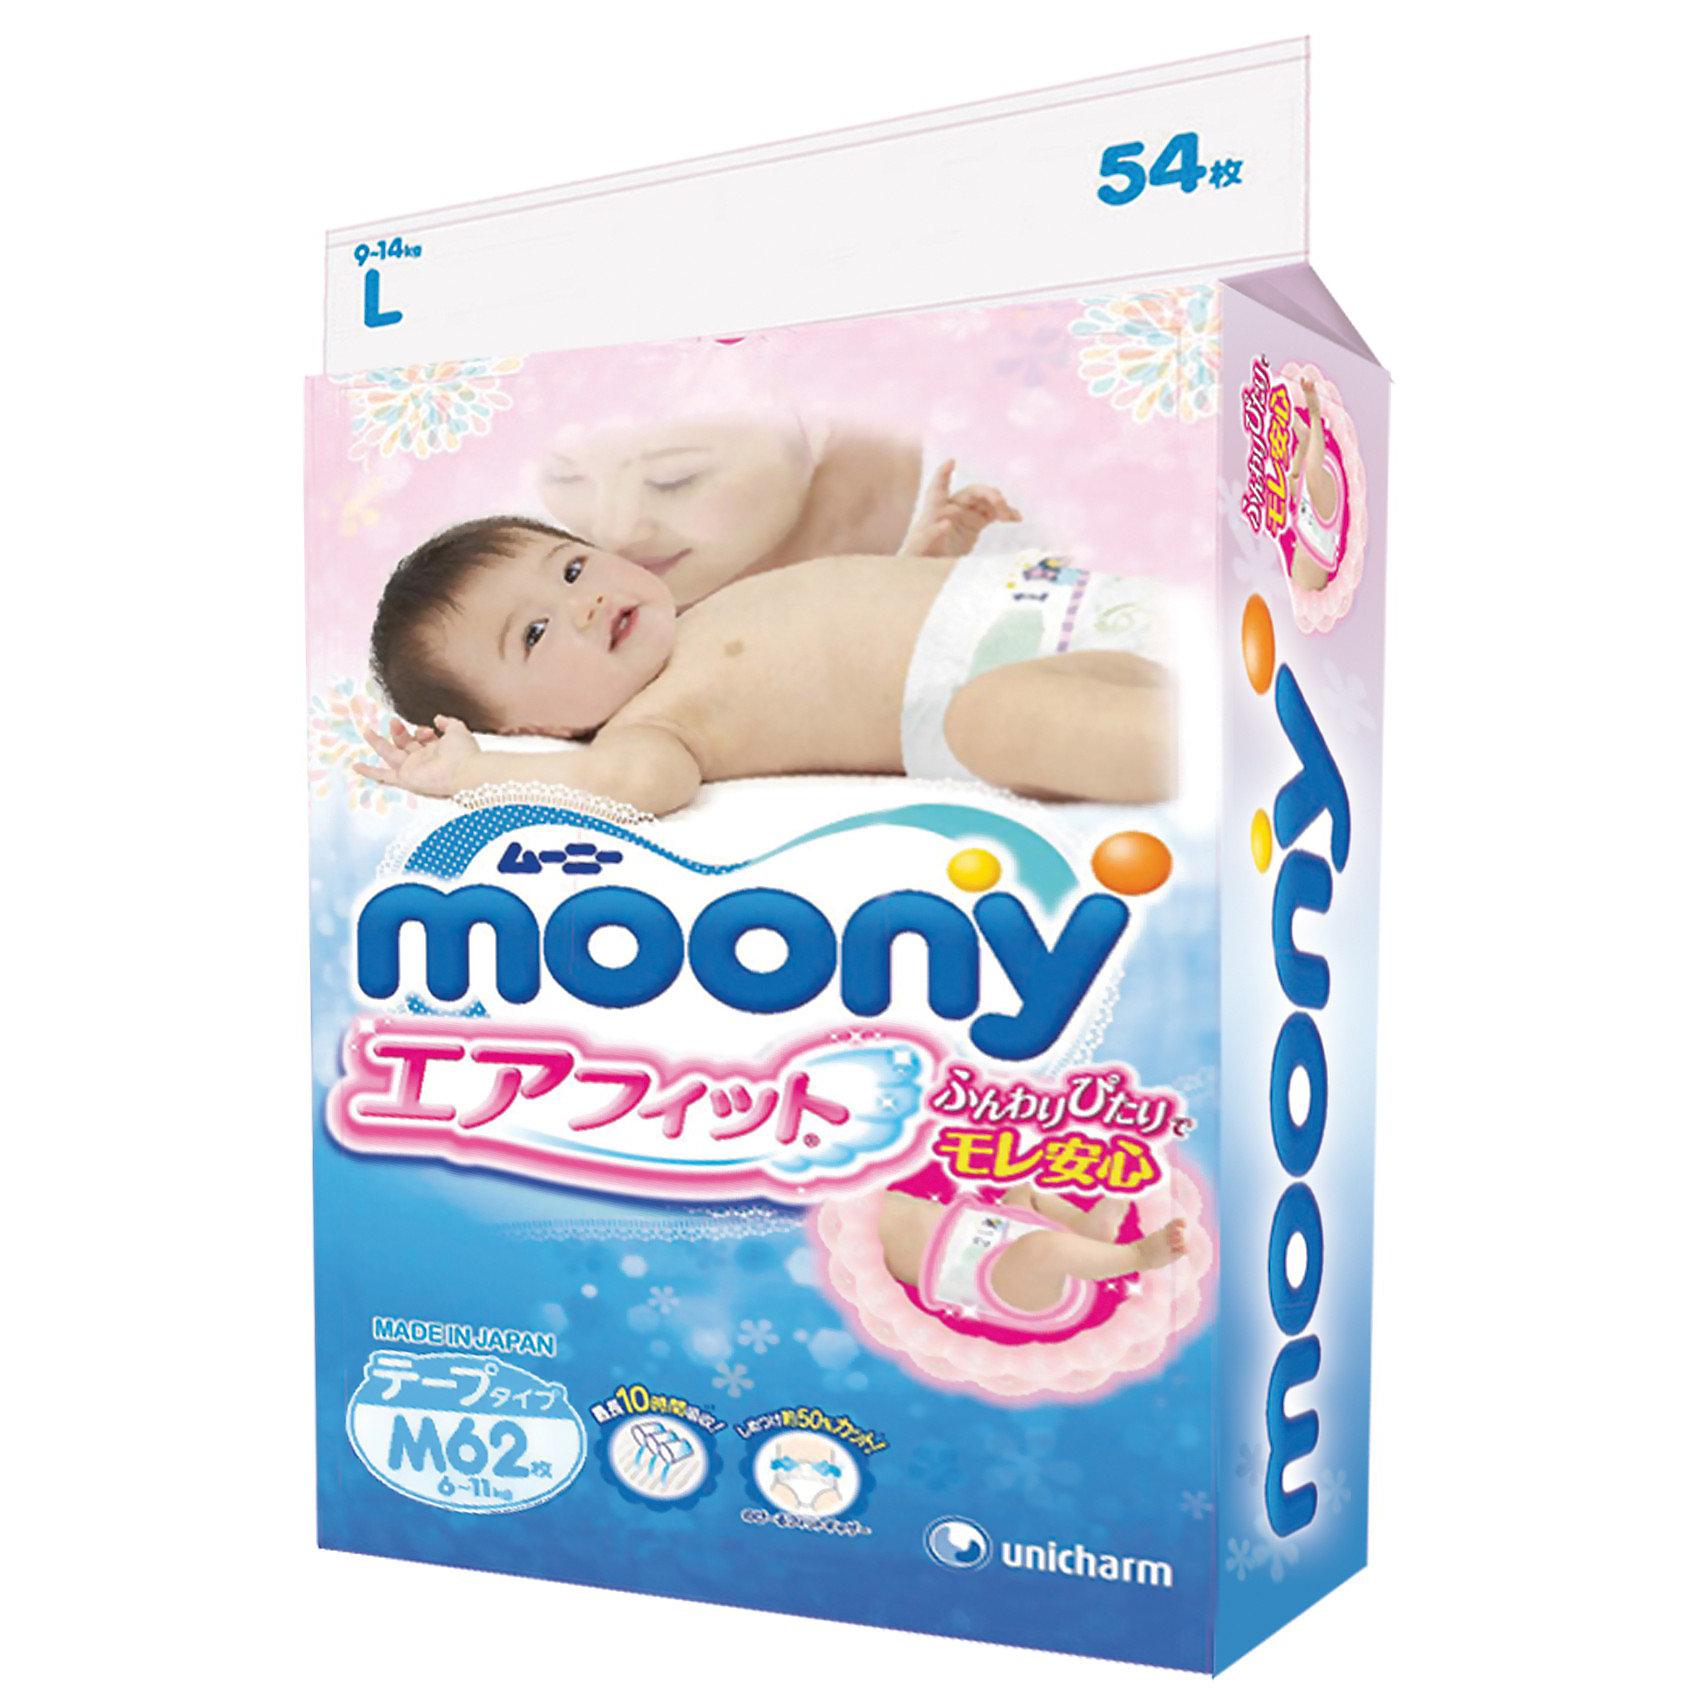 Подгузники Moony Econom, L 9-14 кг, 54 шт.Подгузники Moony Econom L 9-14 кг изготовлены из натуральных природных материалов.<br><br>Внутренняя поверхность подгузника — мягкая сеточка с примесью натурального хлопка; благодаря его отличной впитывающей способности кожа ребенка всегда остается сухой. Легкая «дышащая» поверхность подгузников обеспечивает доступ воздуха к коже ребенка.<br><br>Впитывающие высокие бортики и специальные резинки по бокам плотно прилегают к ножкам ребенка и препятствуют протеканию. Эластичная фиксирующая лента свободно растягивается на 2,5-3 см, не сковывая движения малыша. Клейкая лента повторного использования позволяет многократно застёгивать и расстегивать подгузник.<br><br>Внутренний слой подгузников Moony Econom L 9-14 кг пропитан экстрактами растений (гамамелиса, ромашки, эвкалипта), известных благодаря антисептическим и антибактериальным качествам, а также смягчающим и увлажняющим свойствам.<br><br>Полоски-индикаторы подскажут, когда придет время менять подгузник.<br><br>Дополнительная информация:<br><br>Размер: L, 9-14 кг.<br>В упаковке: 54 шт.<br><br>Подгузники Moony Econom, L 9-14 кг, 54 шт. можно купить в нашем интернет-магазине.<br><br>Ширина мм: 300<br>Глубина мм: 120<br>Высота мм: 400<br>Вес г: 2230<br>Возраст от месяцев: 6<br>Возраст до месяцев: 24<br>Пол: Унисекс<br>Возраст: Детский<br>SKU: 3361337